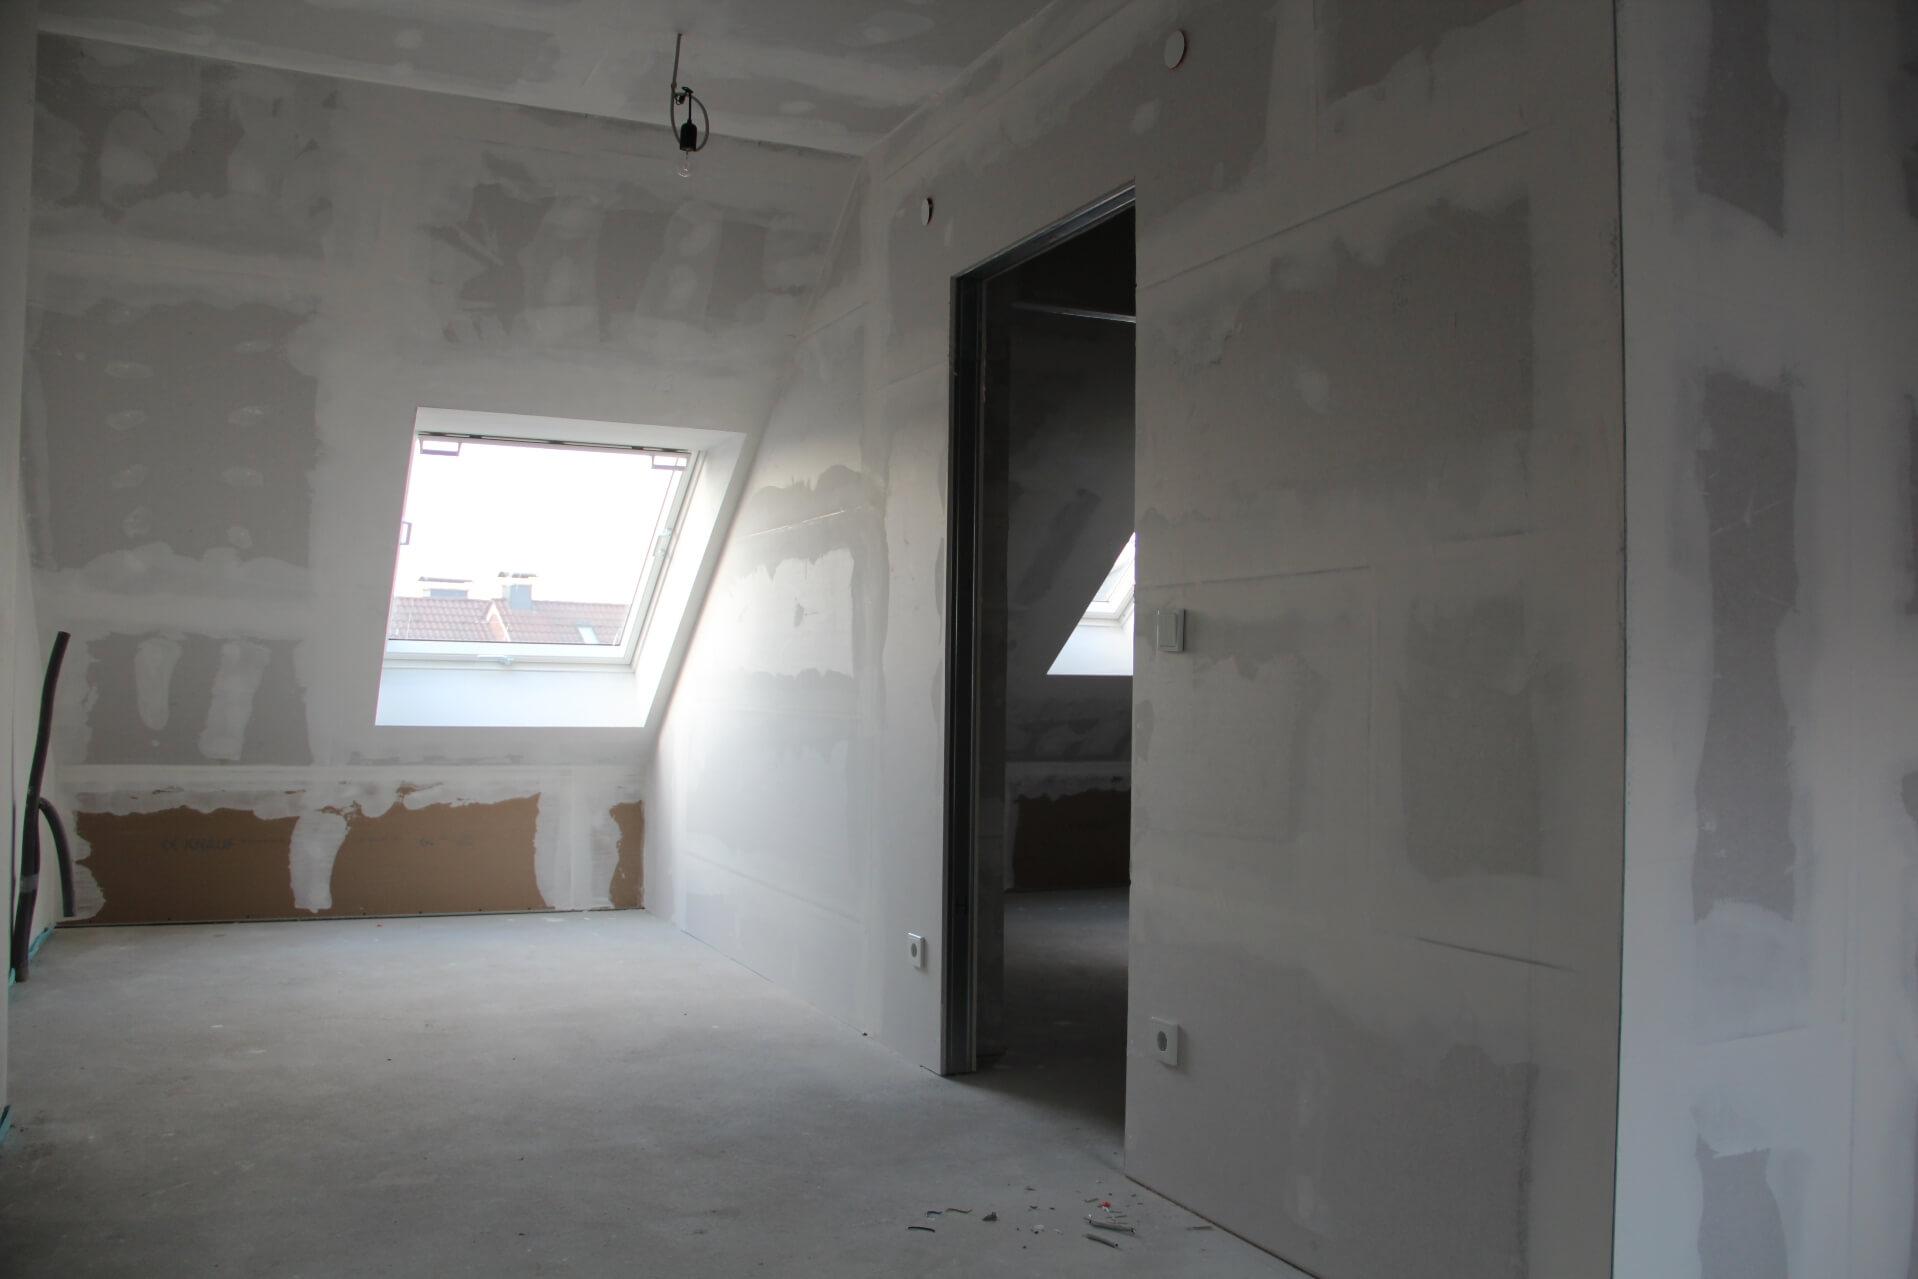 Dachbodenausbau U0026 Kellerdeckendämmung In Gladbeck